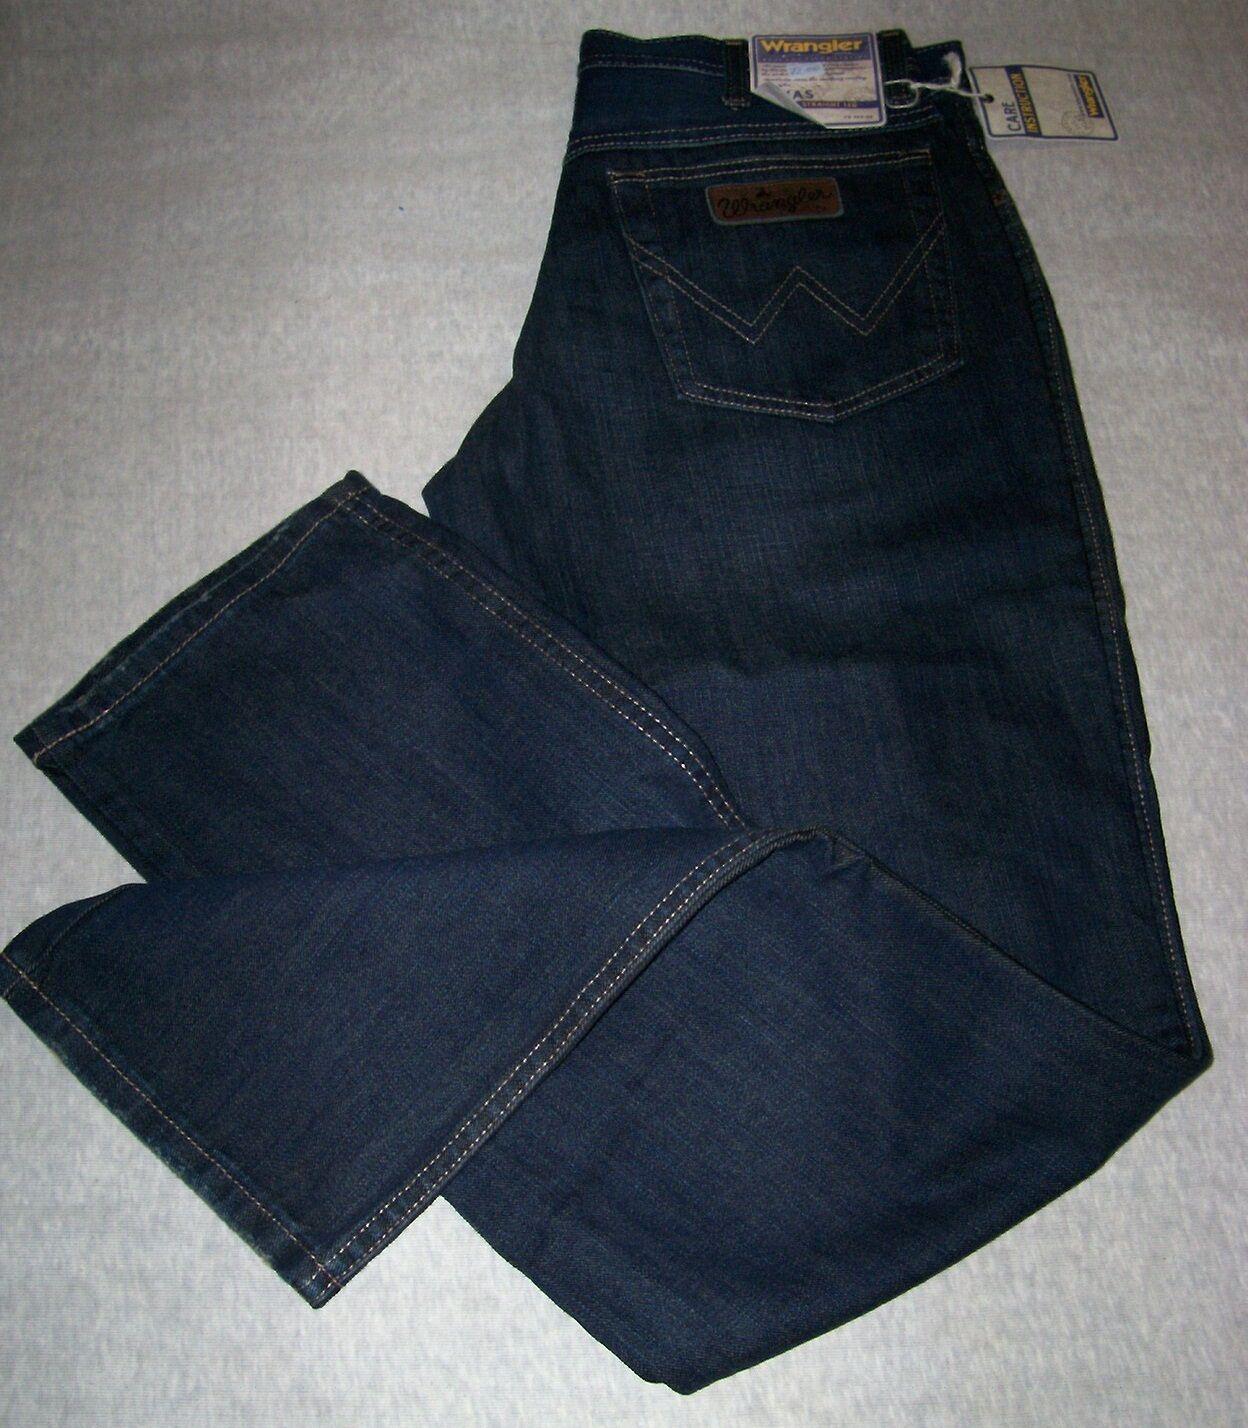 WRANGLER Jeans Texas Old blu nero Equitazione W33 L31